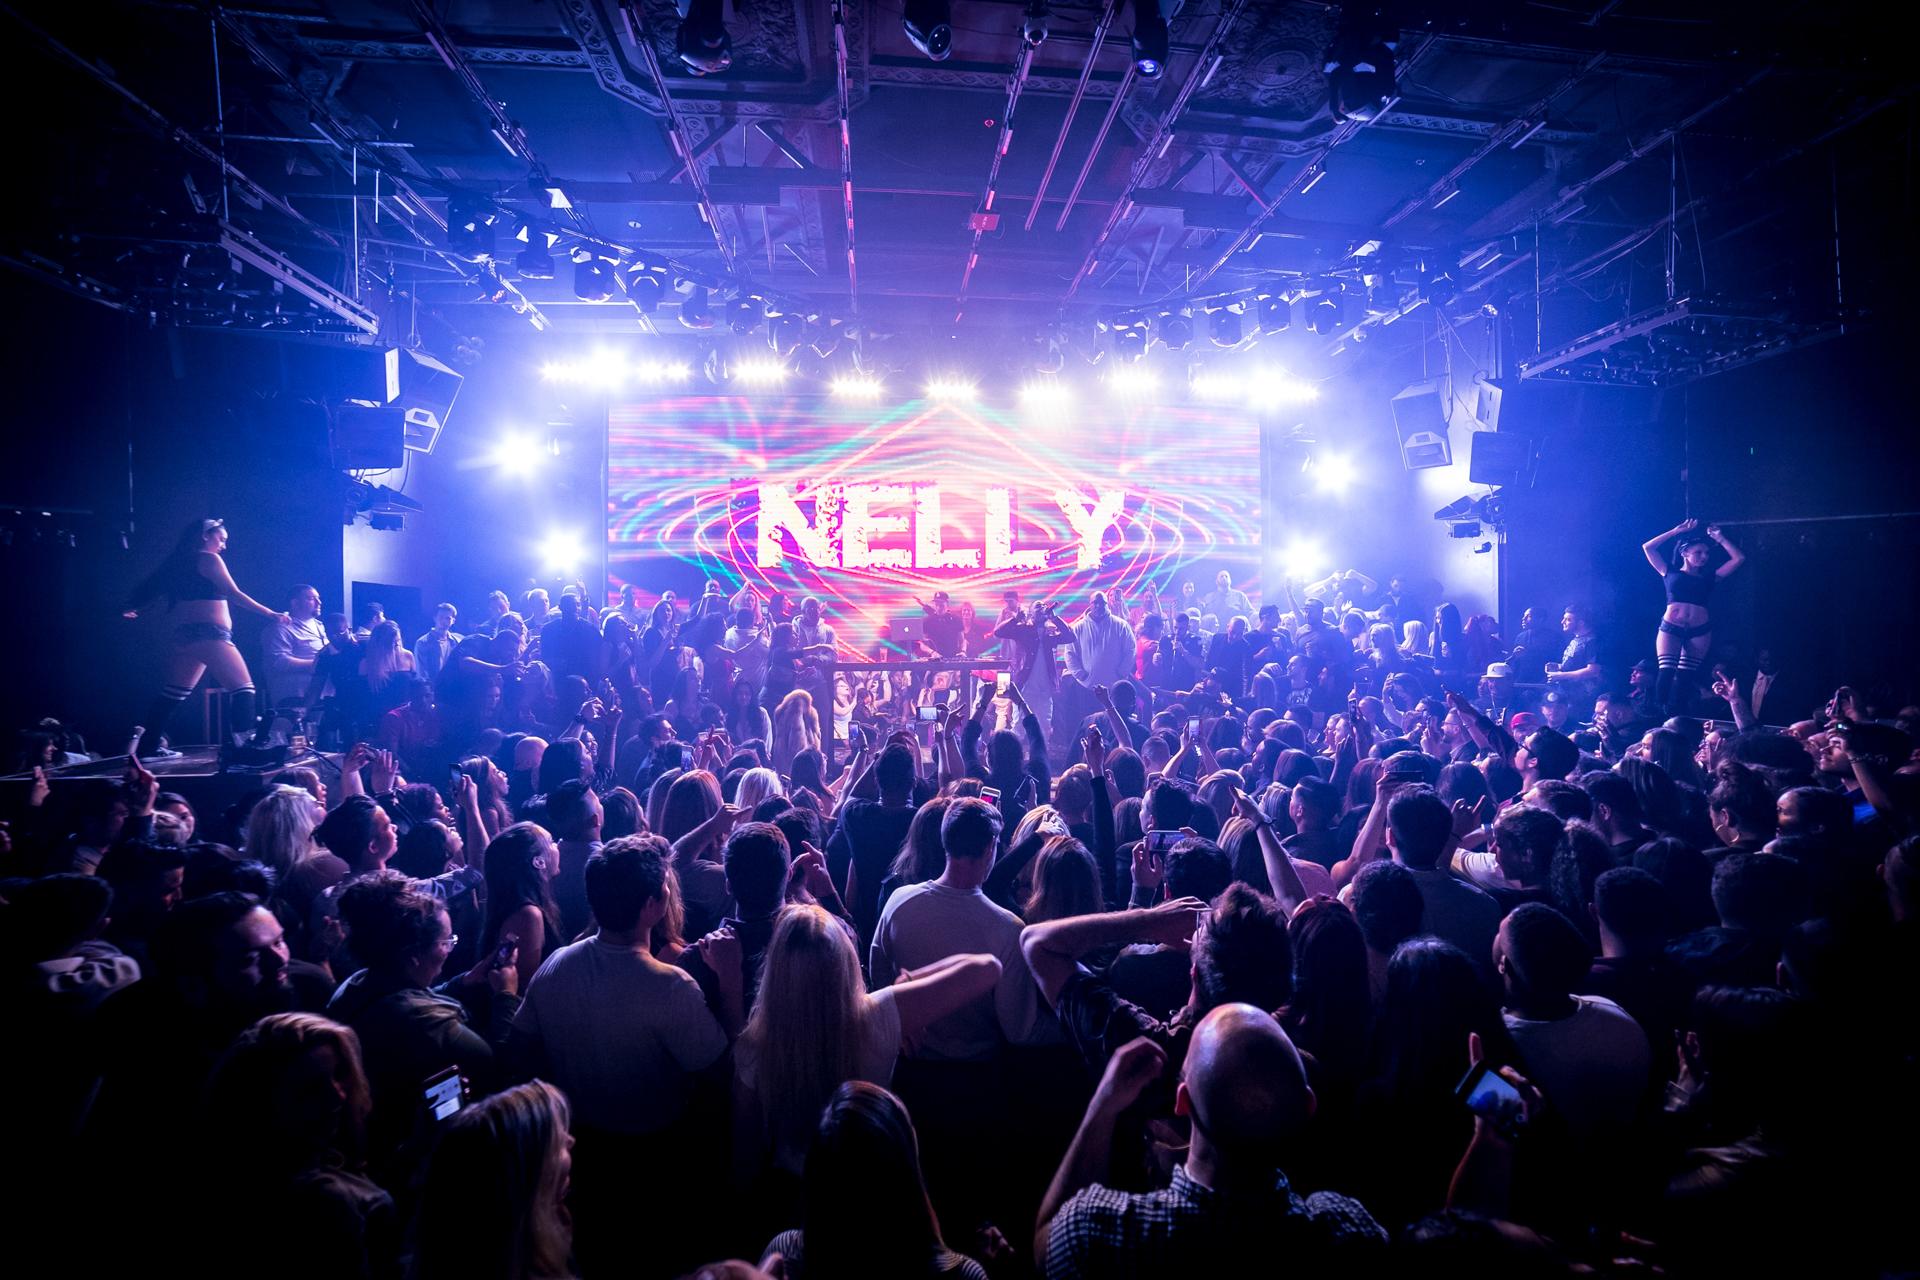 02.24.18 Parq - Nelly--1.jpg